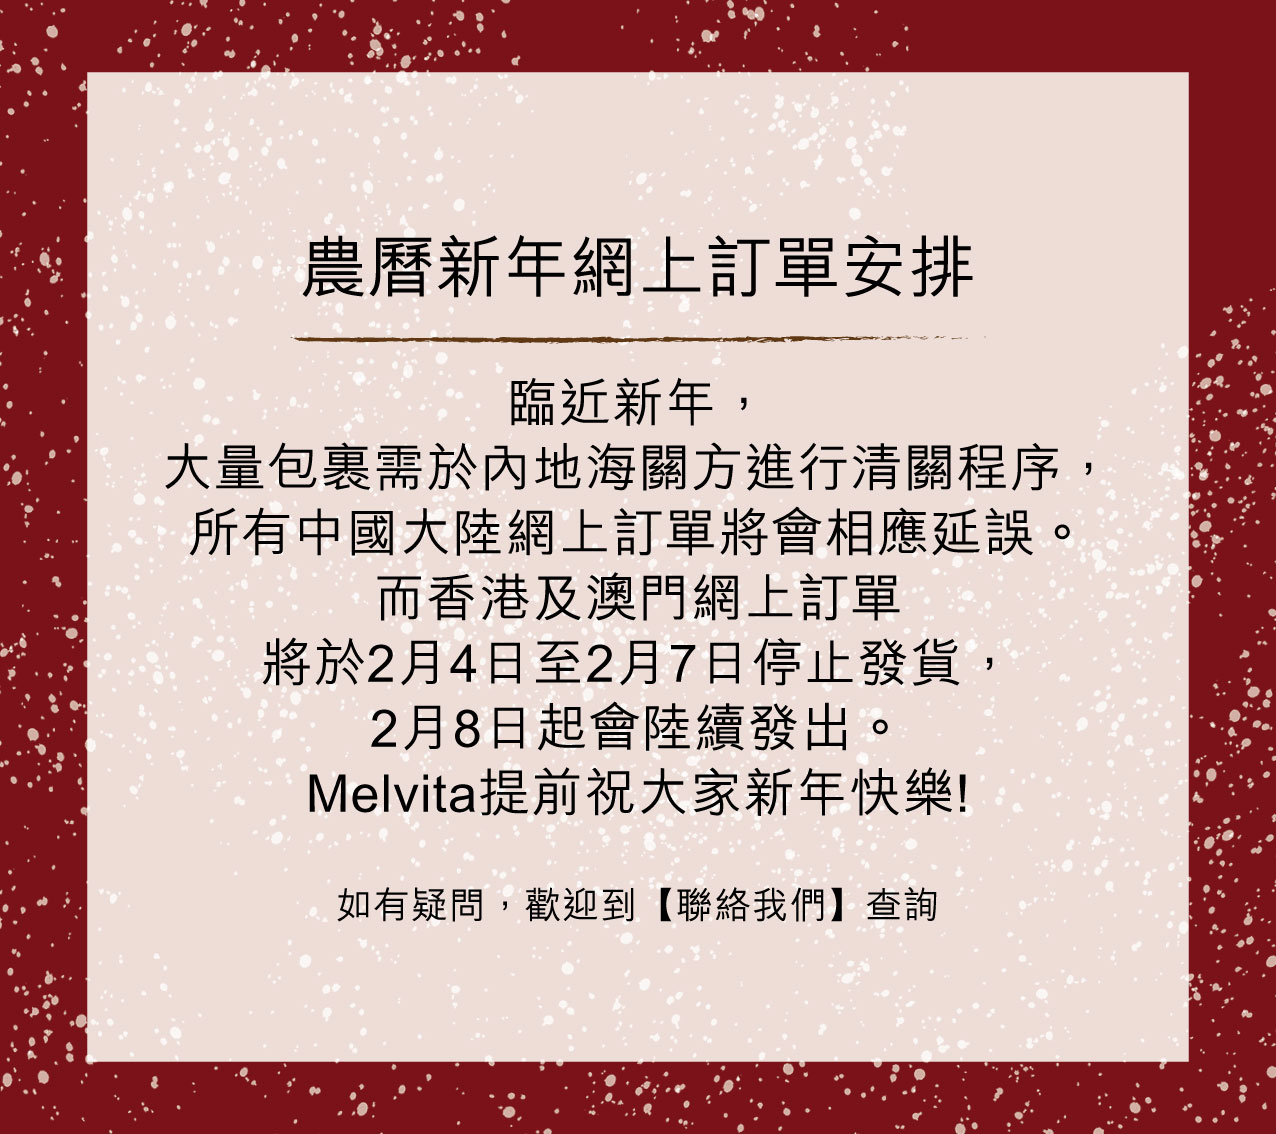 臨近新年,大量包裹需於內地海關方進行清關程序, 所有中國大陸網上訂單將會相應延誤。而香港及澳門網上訂單將於2月4日至2月7日停止發貨,2月8日起會陸續發出。 Melvita提前祝大家新年快樂!如有任何疑問,歡迎到【聯絡我們】查詢。